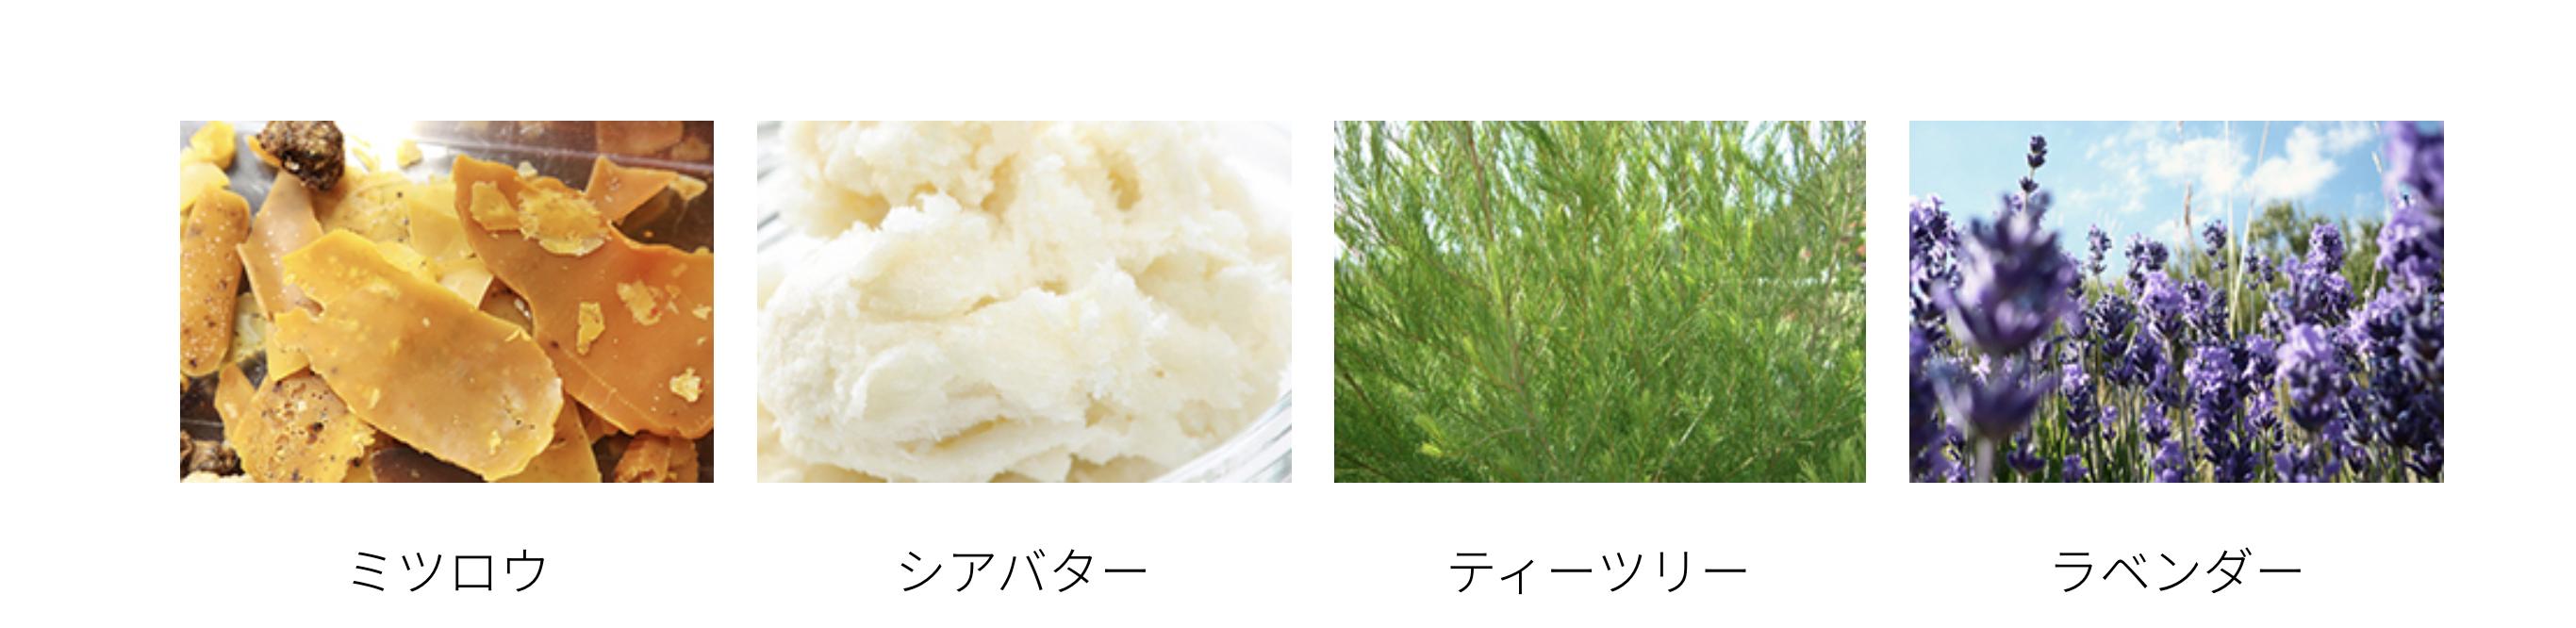 bda organic